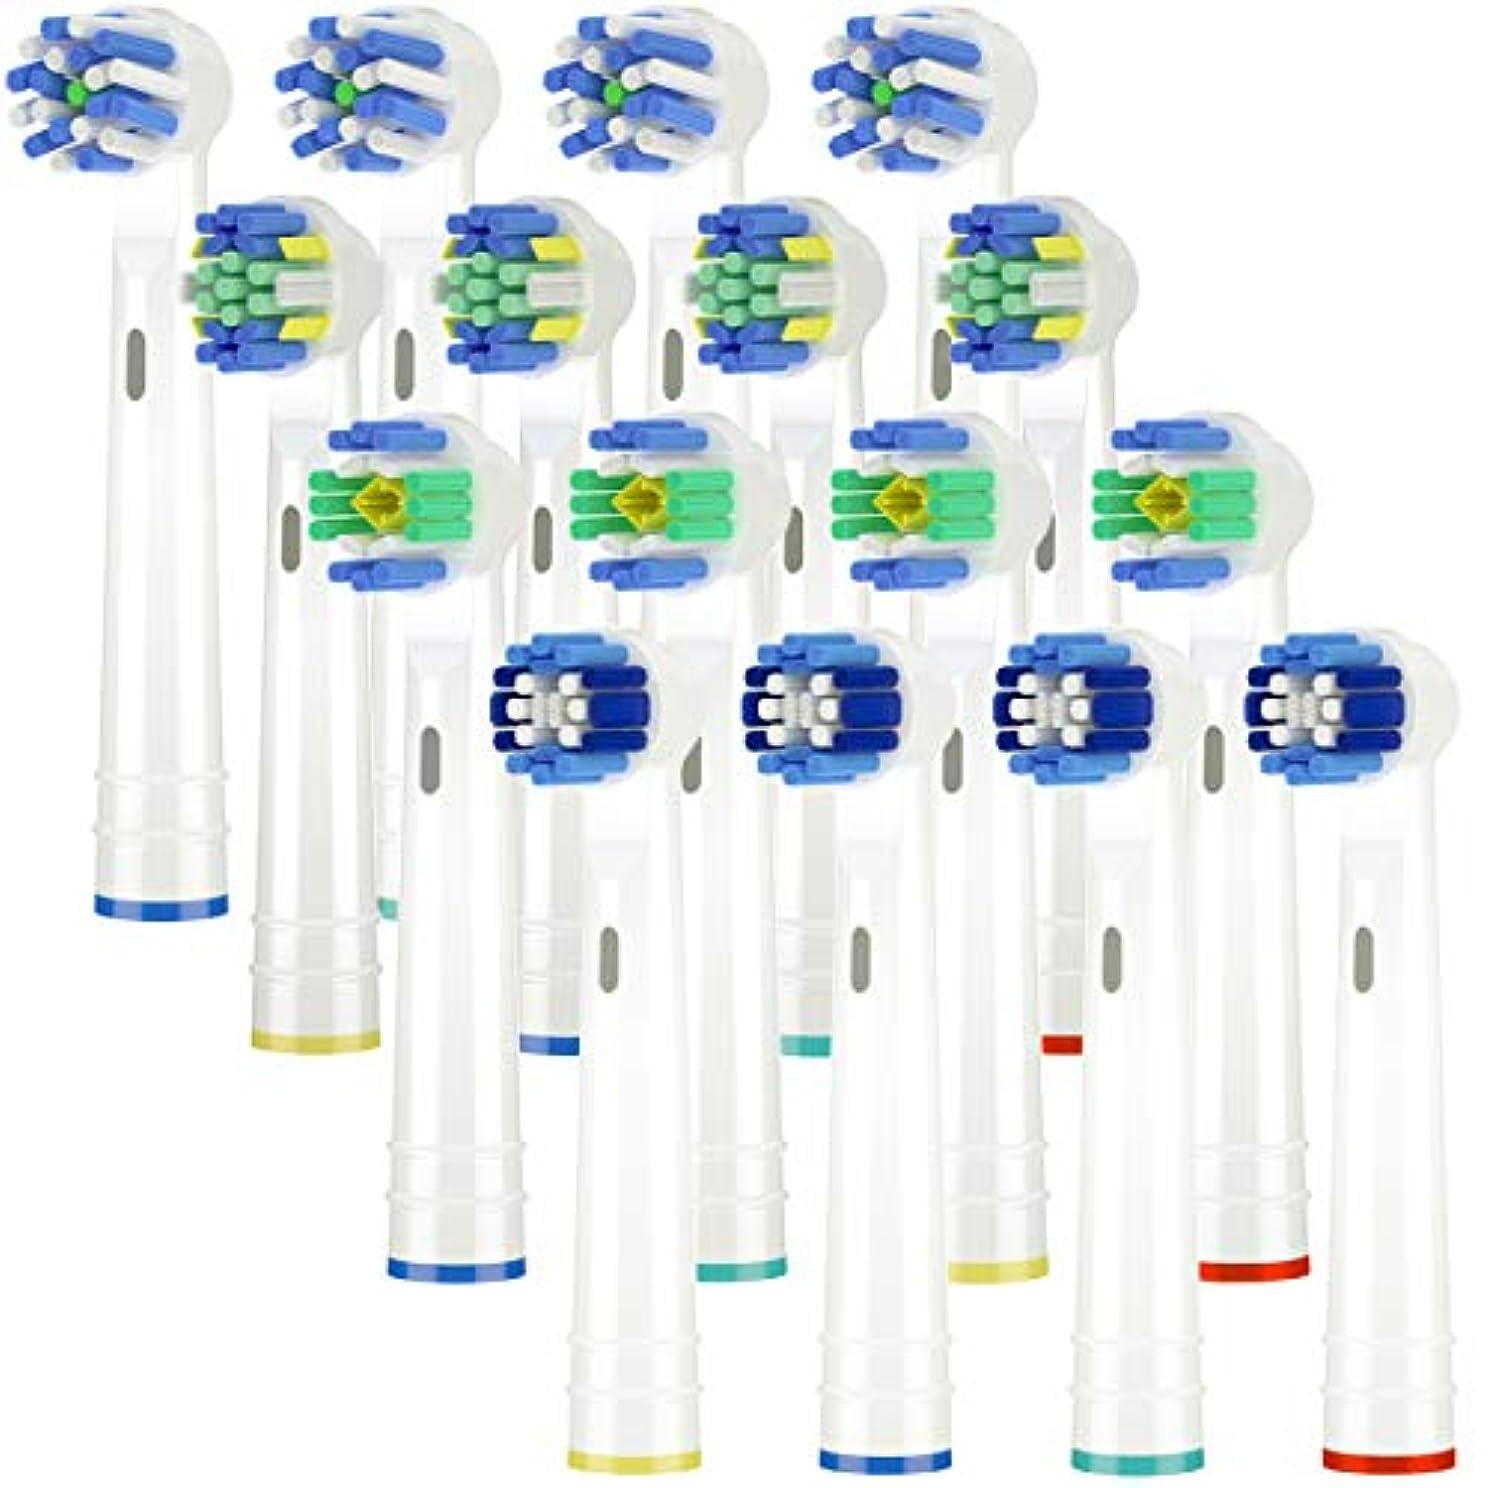 研究チャンピオン楽しいItechnik 電動歯ブラシ 替えブラシ ブラウン オーラルB 対応 替えブラシ 4種類が入り:ホワイトニングブラシ 、ベーシックブラシ、歯間ワイパー付きブラシ、マルチアクションブラシ 凡用な16本